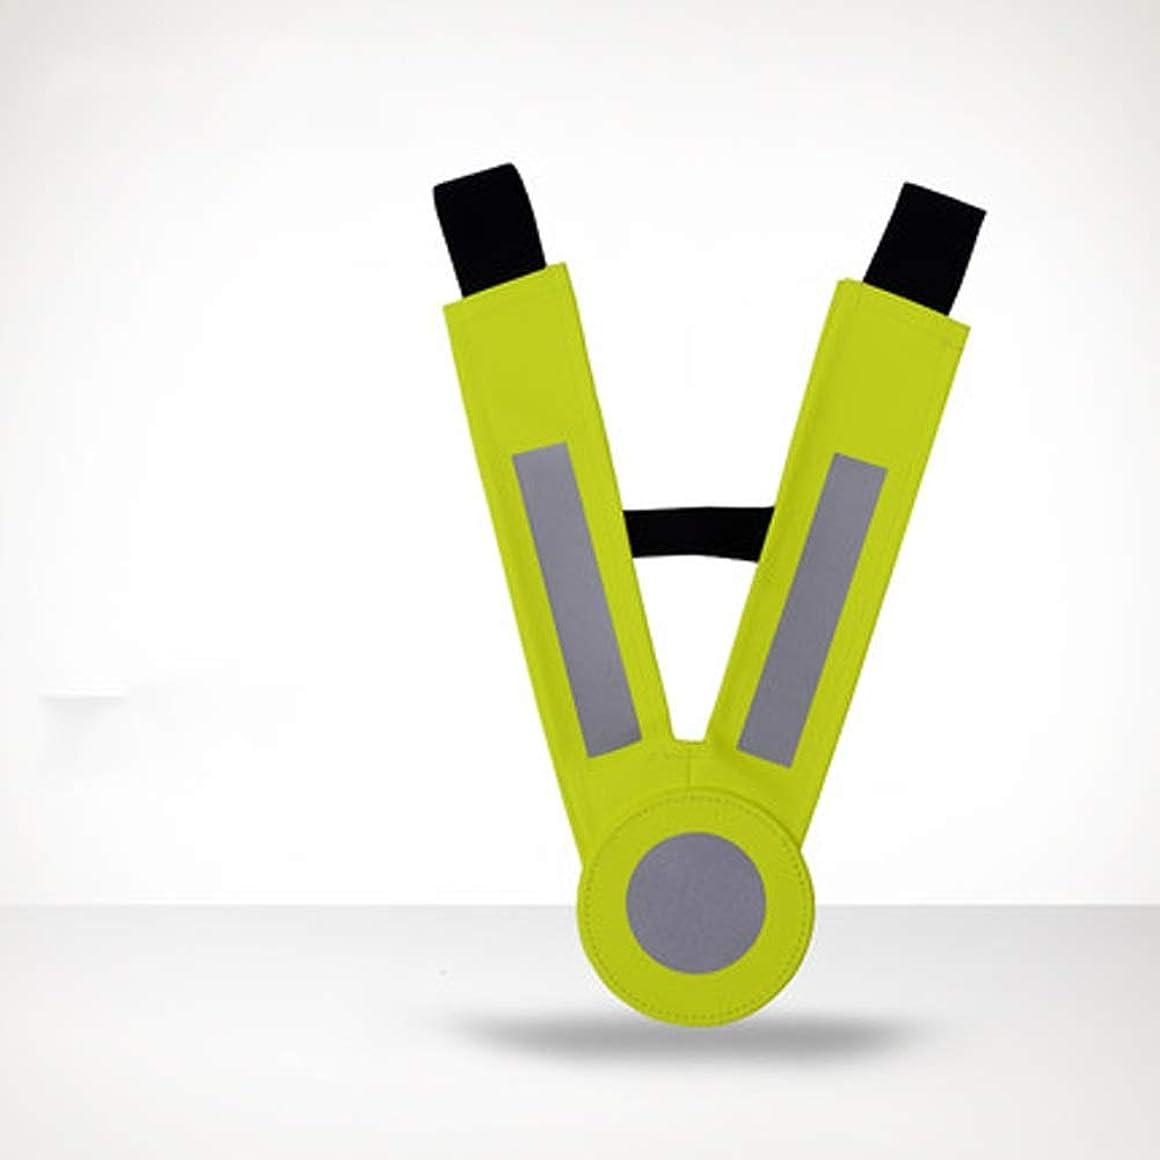 作り消去ガロンIAIZI 反射ベスト銀反射ストリップ子供屋外スポーツ服高い視認性 (Color : Green)